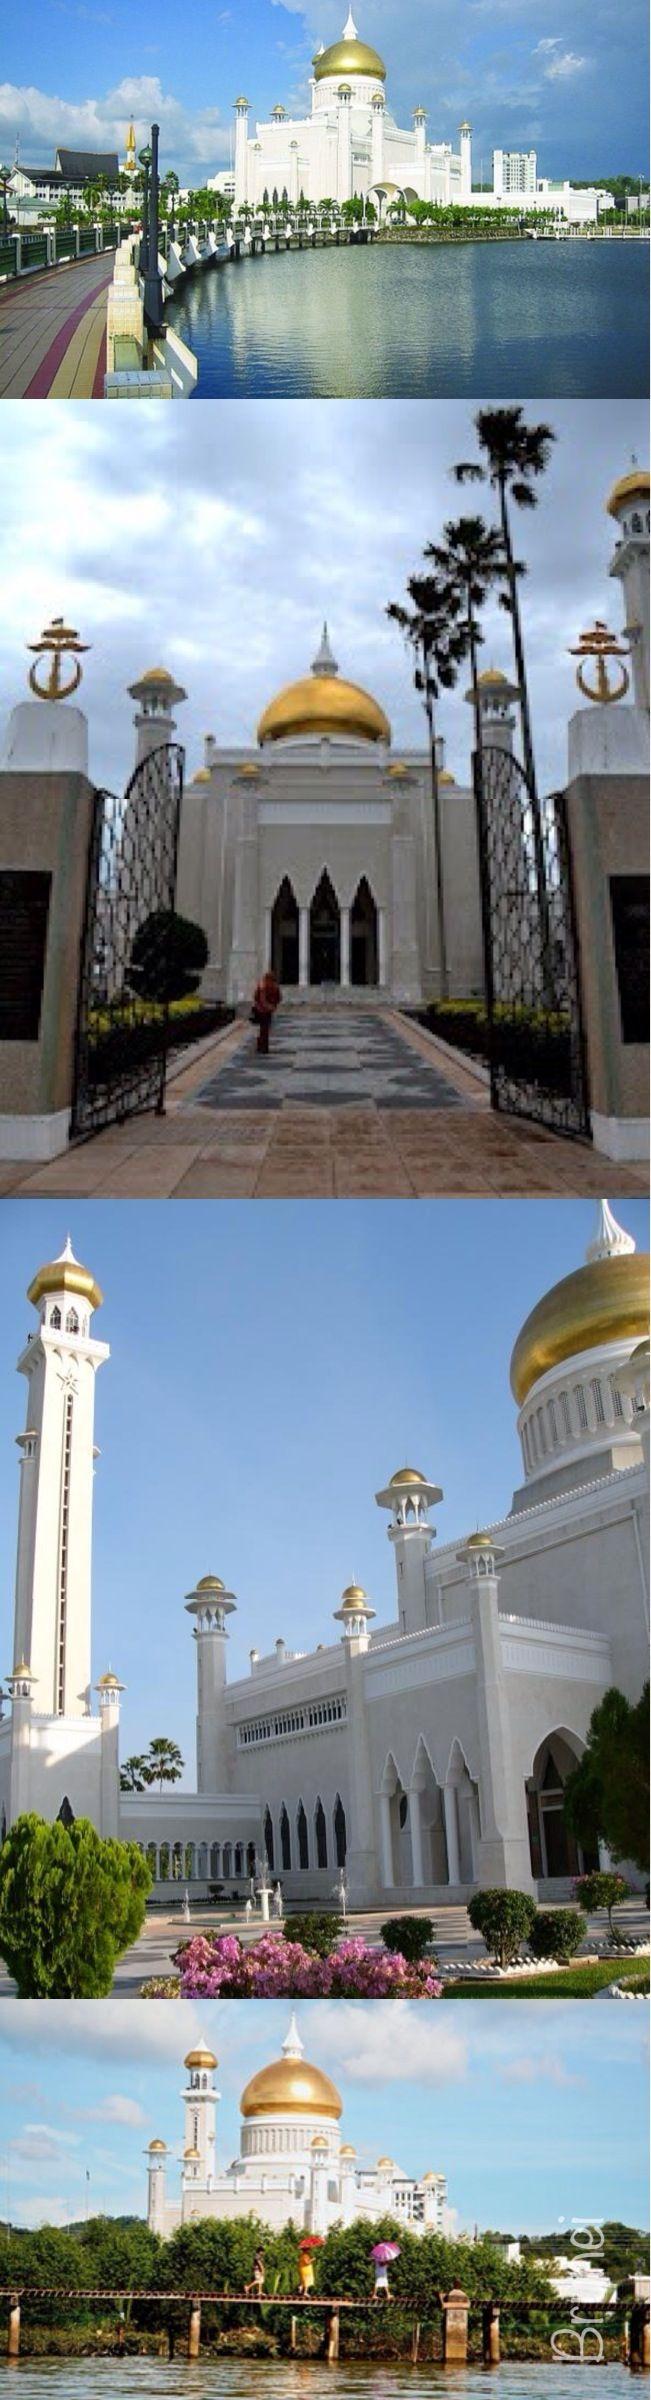 O Brunei Oficialmente Nacao De Brunei Em Arabe دولة بروناي دار السلام E Um Estado Soberano Localizado Na Co Most Beautiful Places Beautiful Places Brunei